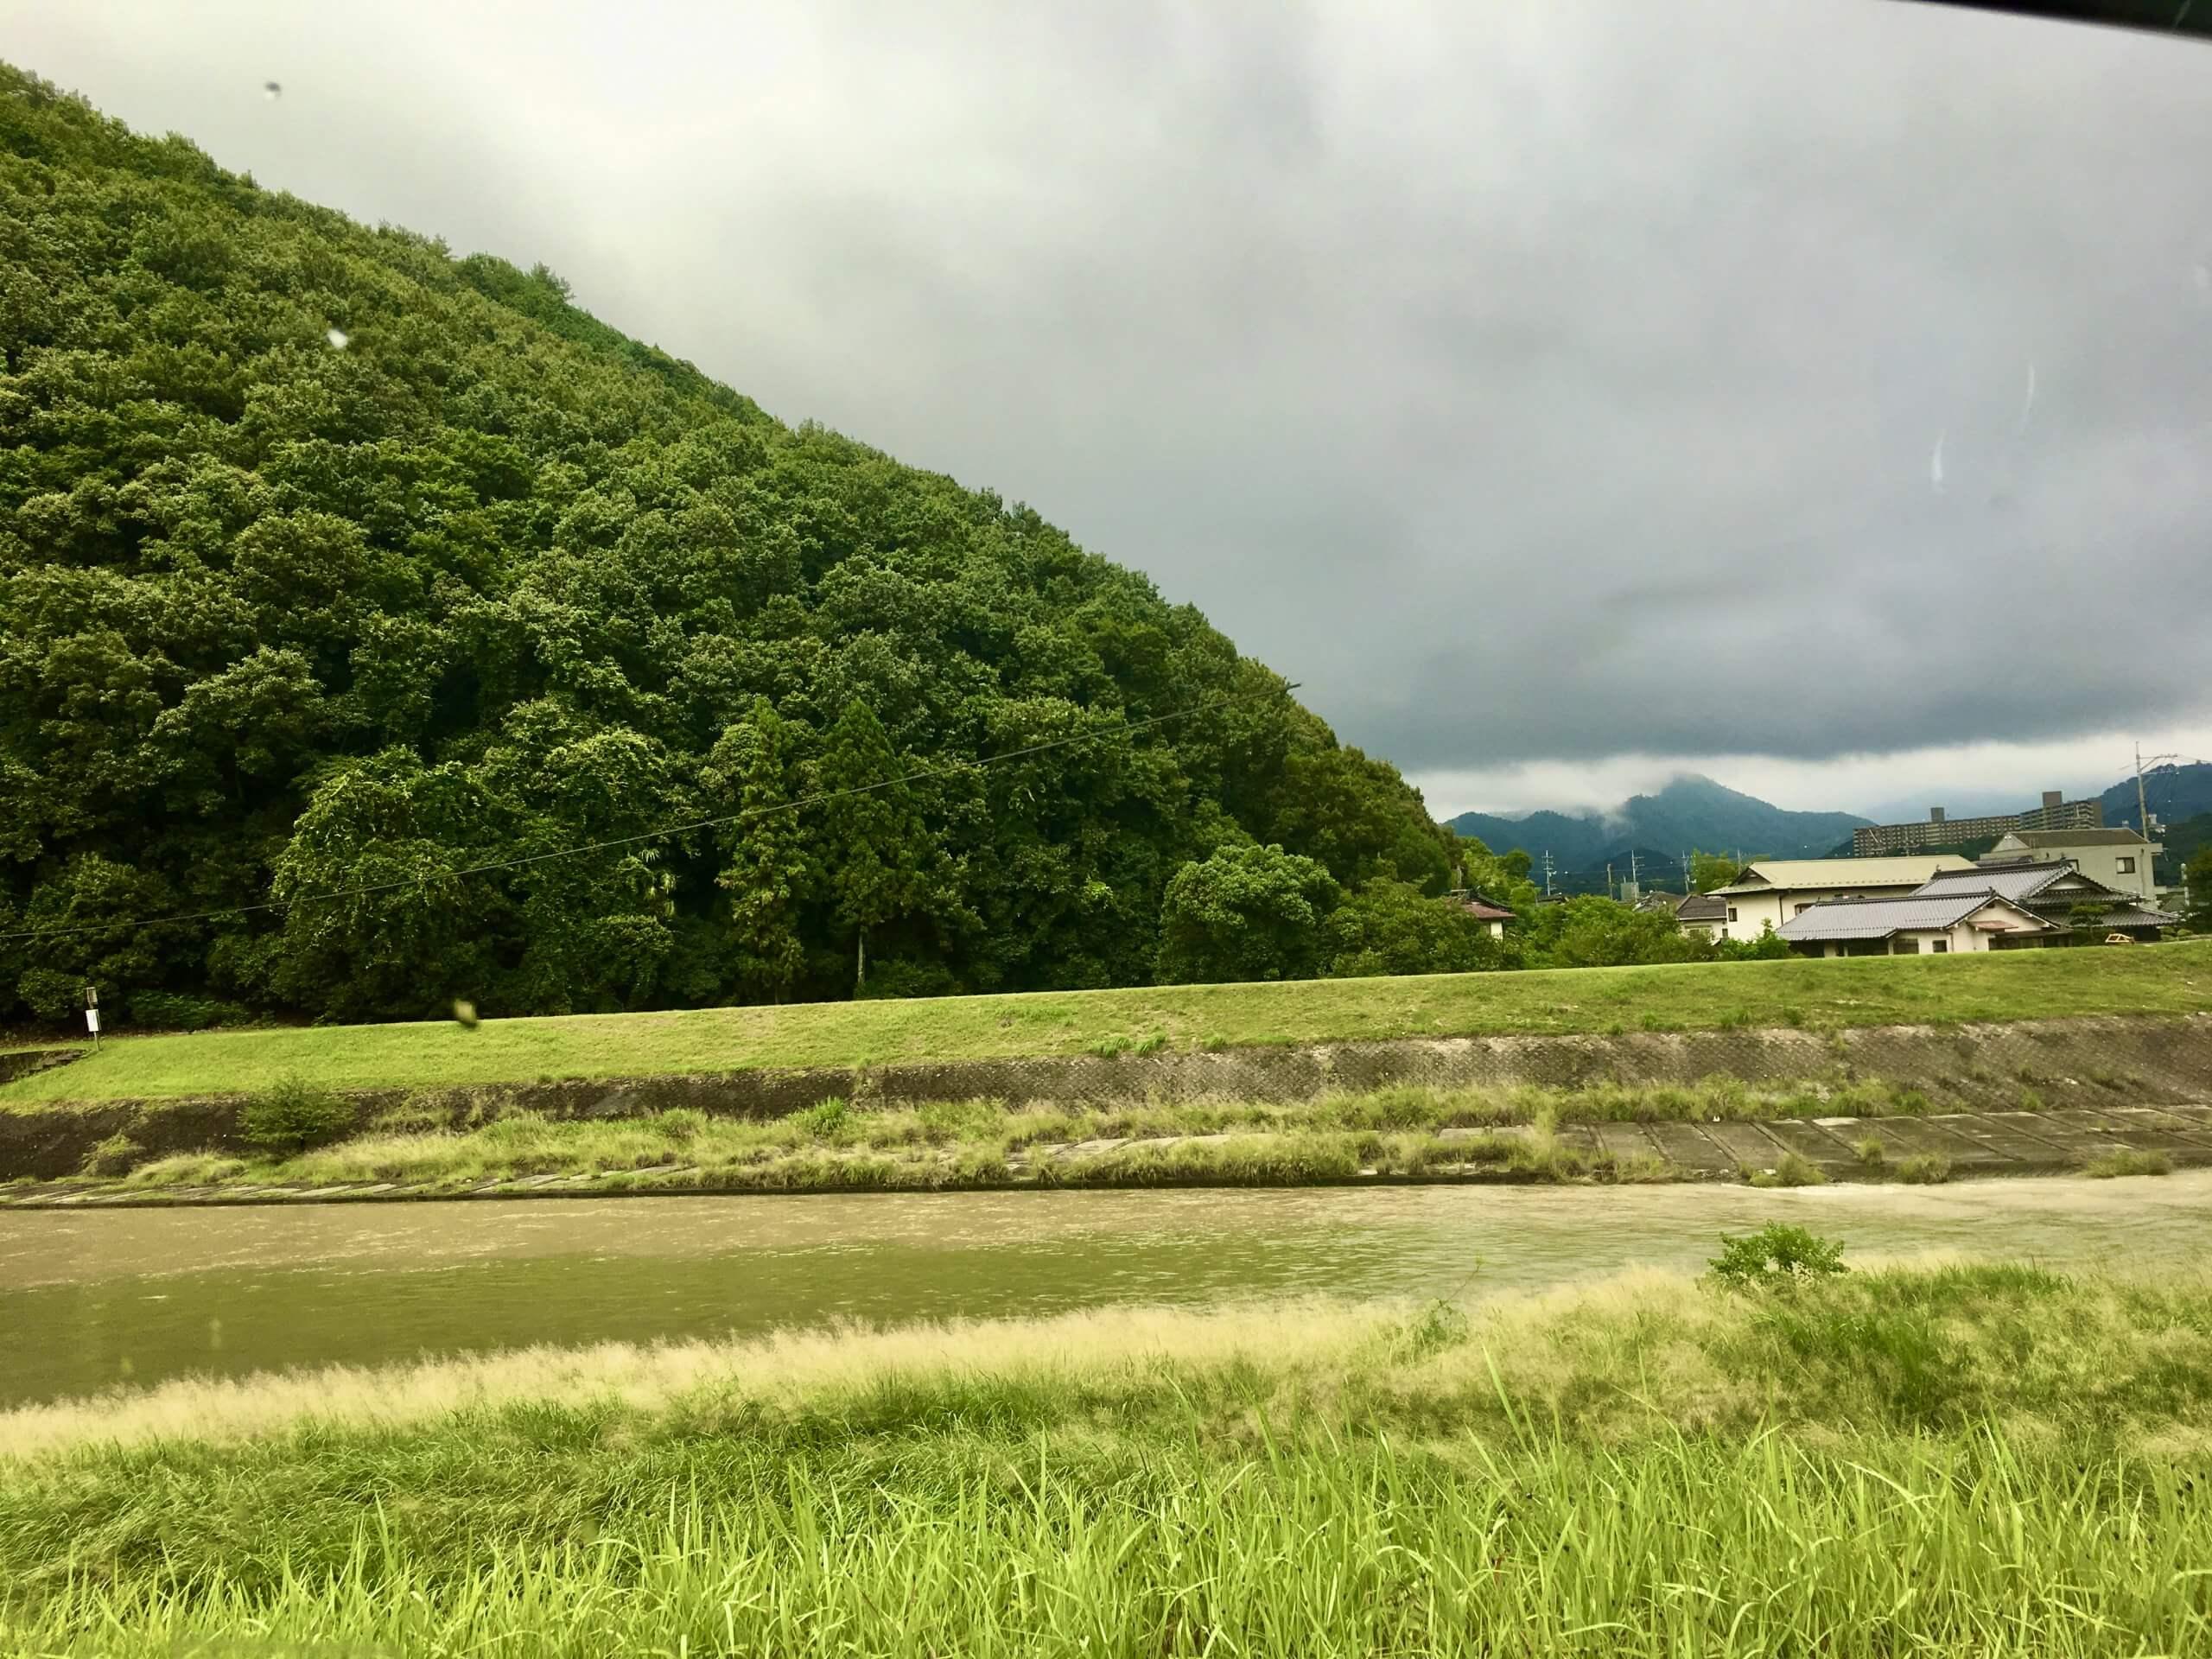 ホテルの近くにある寺山と根の谷川